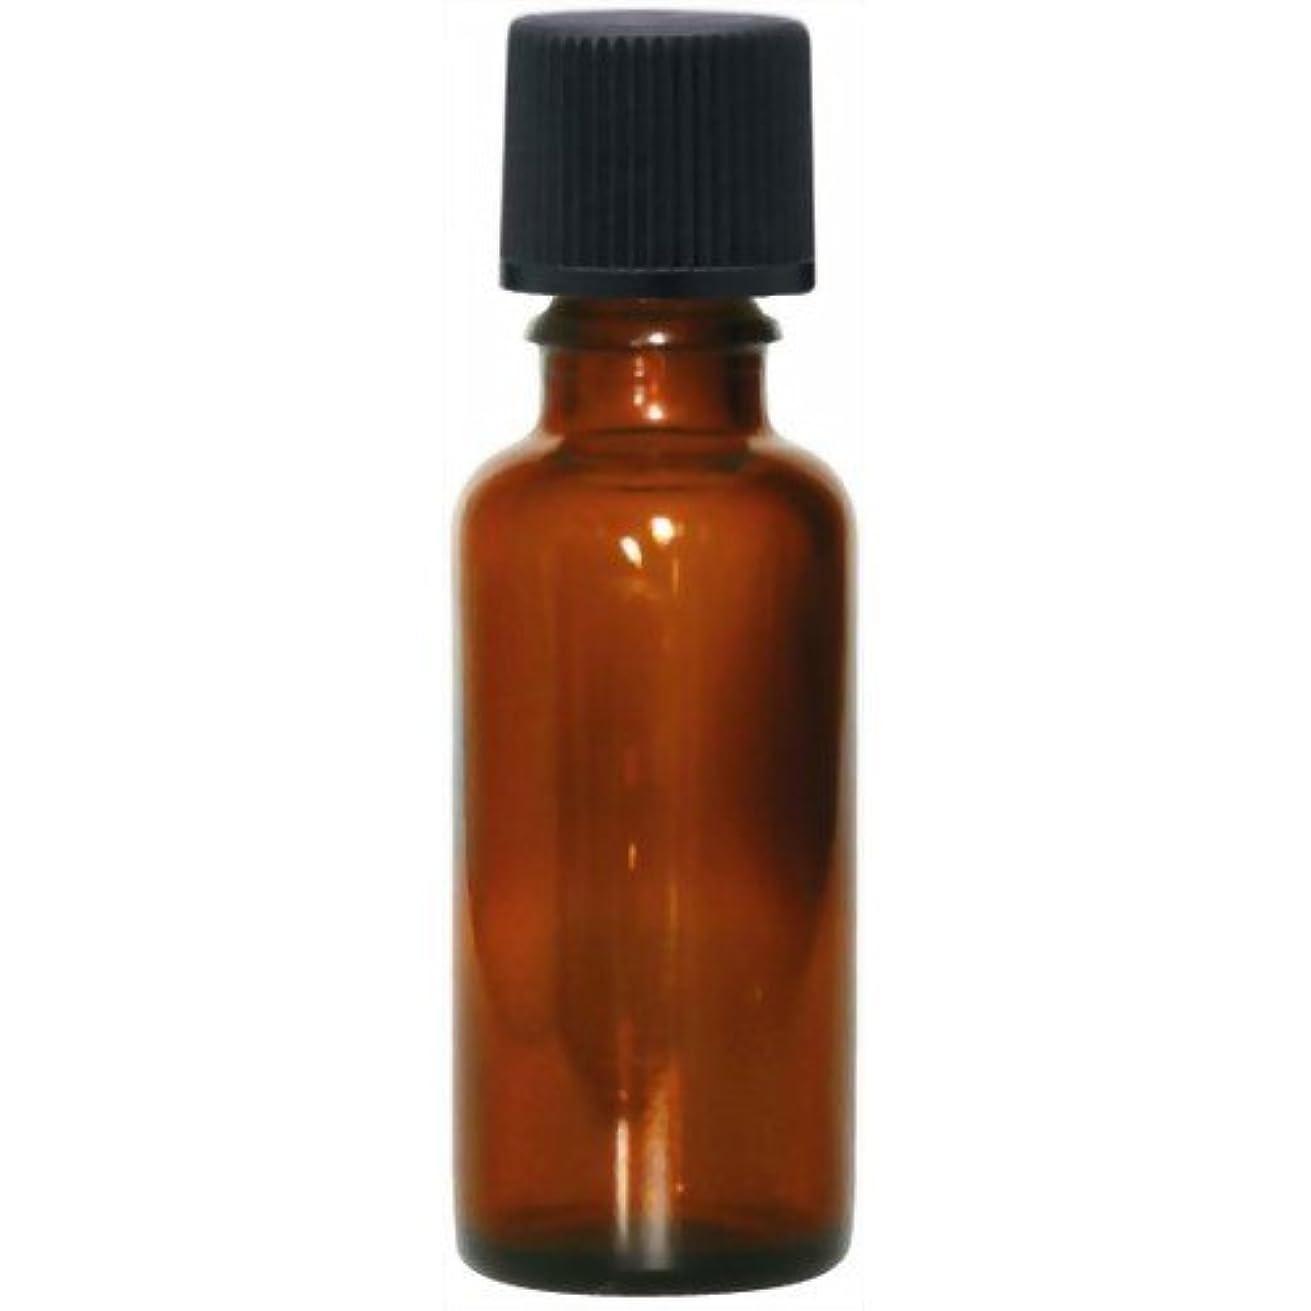 求人ブラザー小競り合い茶色遮光瓶30ml(黒キャップ)